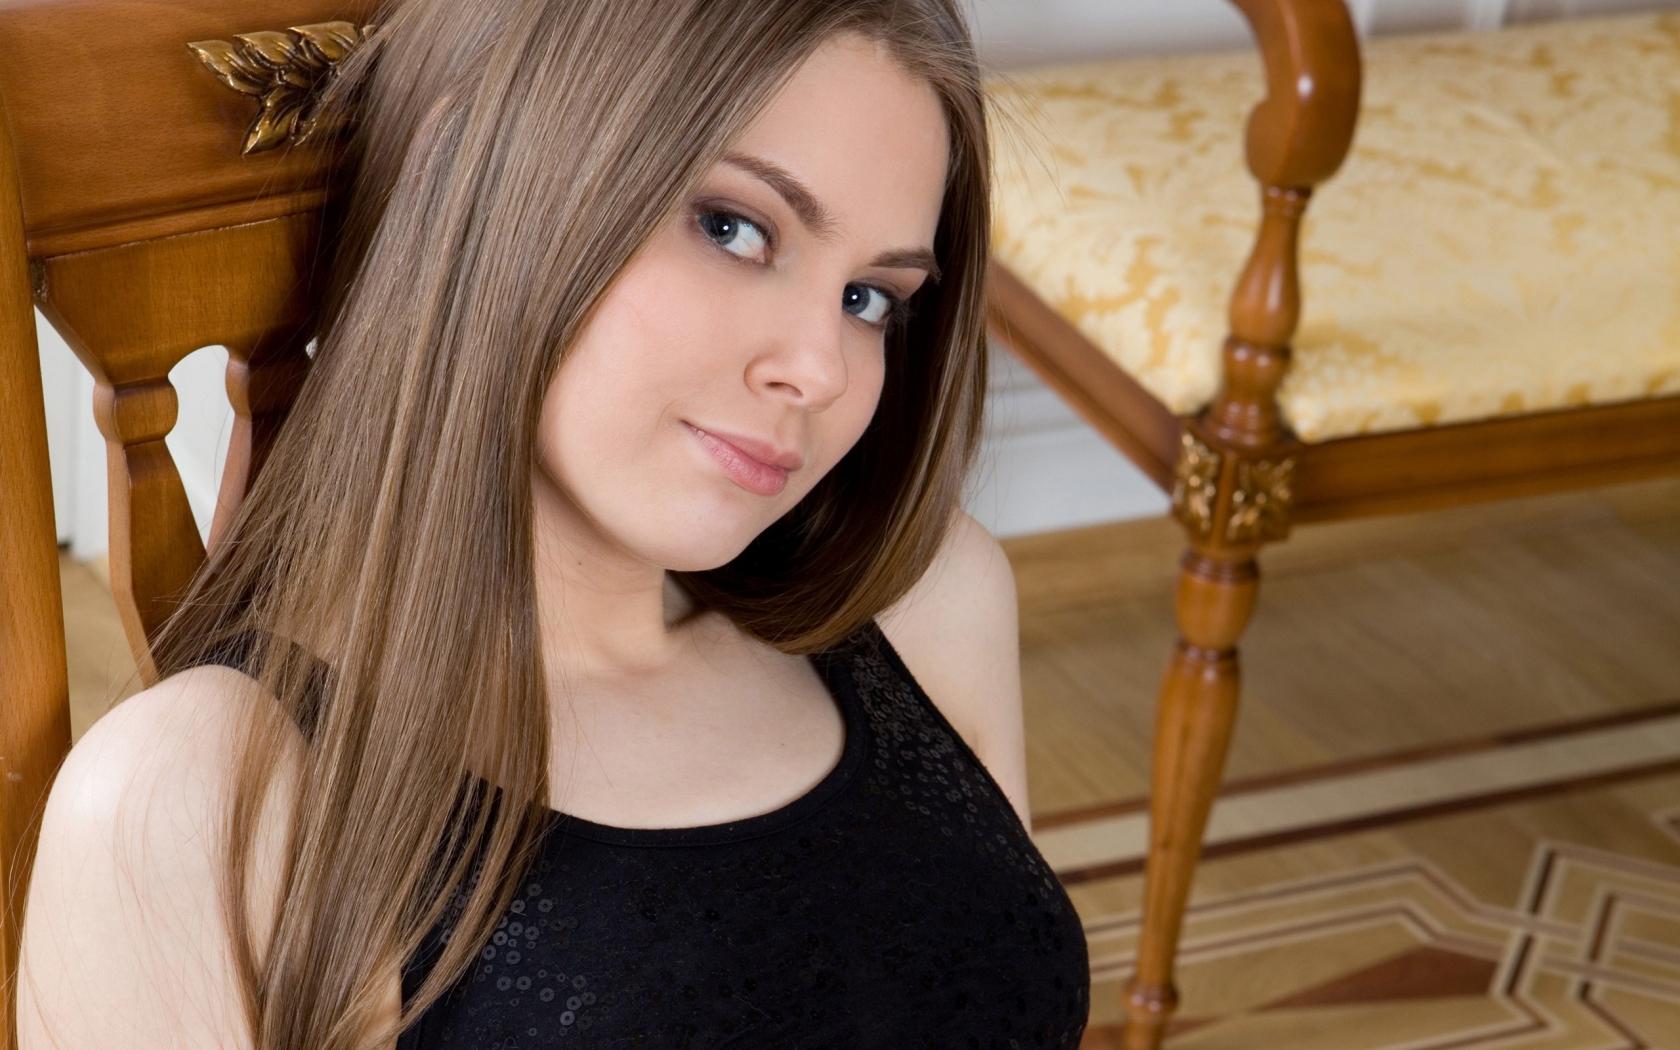 Chica de pelo largo - 1680x1050